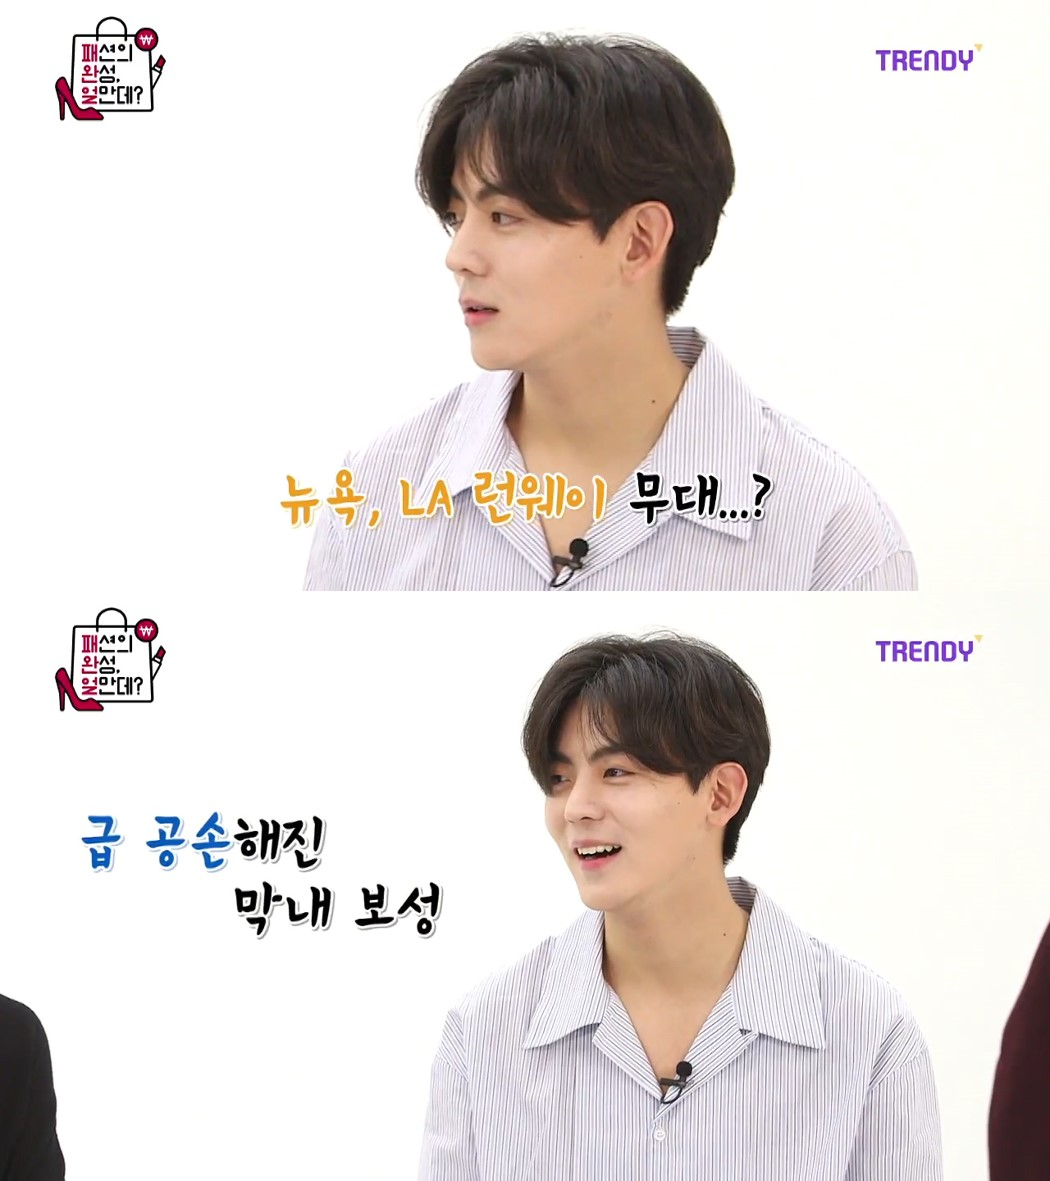 박보성, '패완얼 - 패션의 완성, 얼만데?' 첫 방송 신고식 시원하게 치러